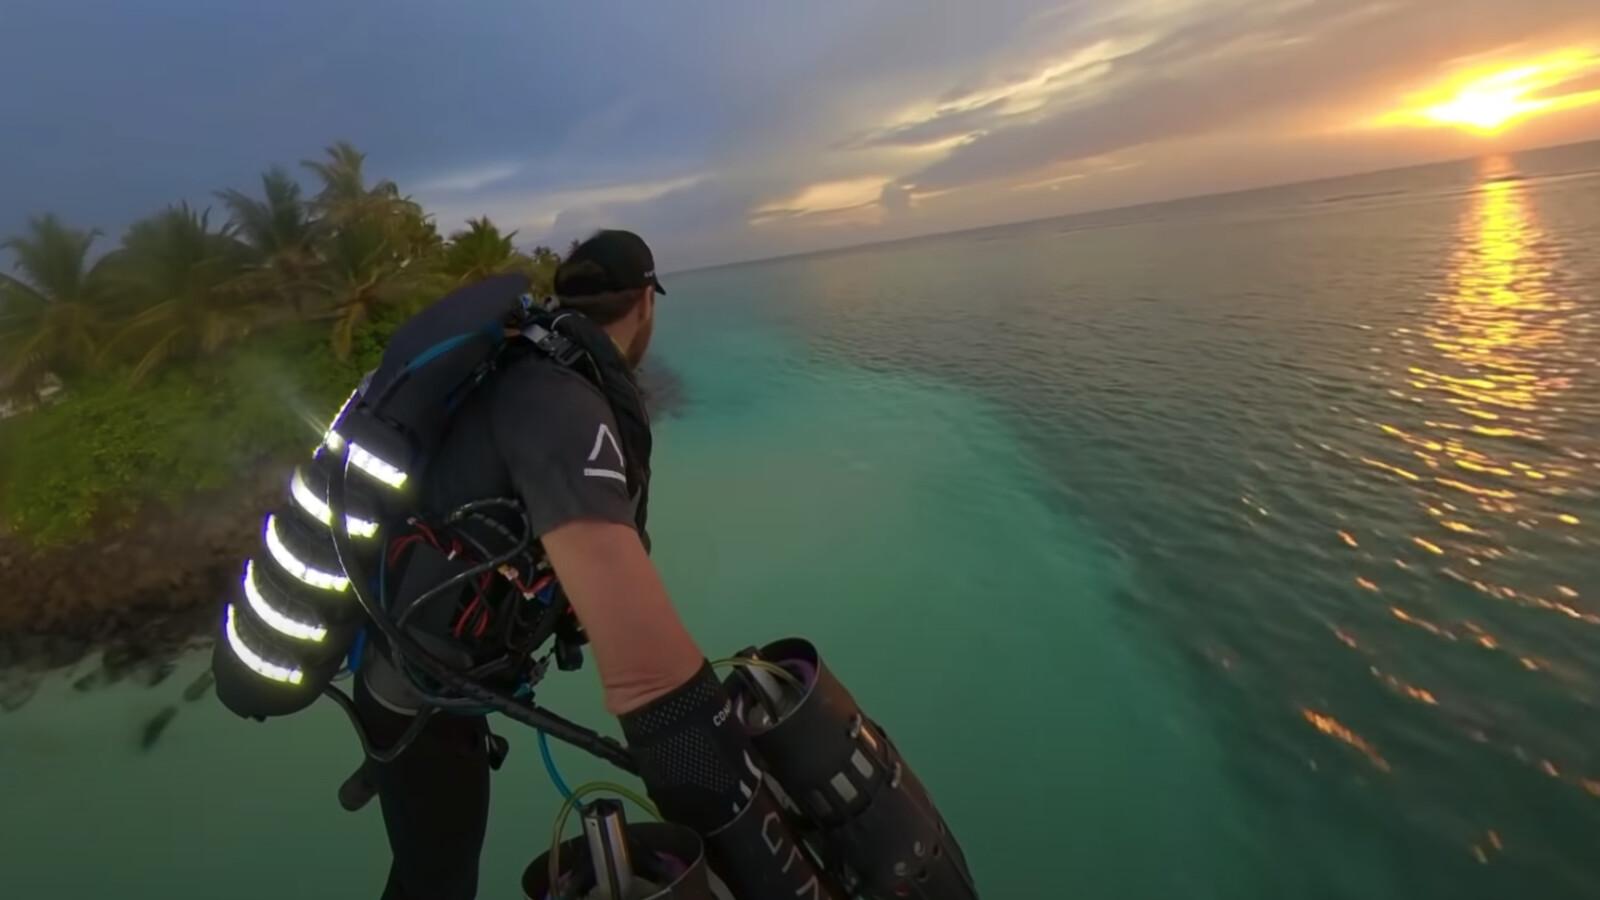 Malediven, Sonnenuntergang, Jetpack: Raketenmann versetzt Hotelbesucher in Ekstase - NETZWELT